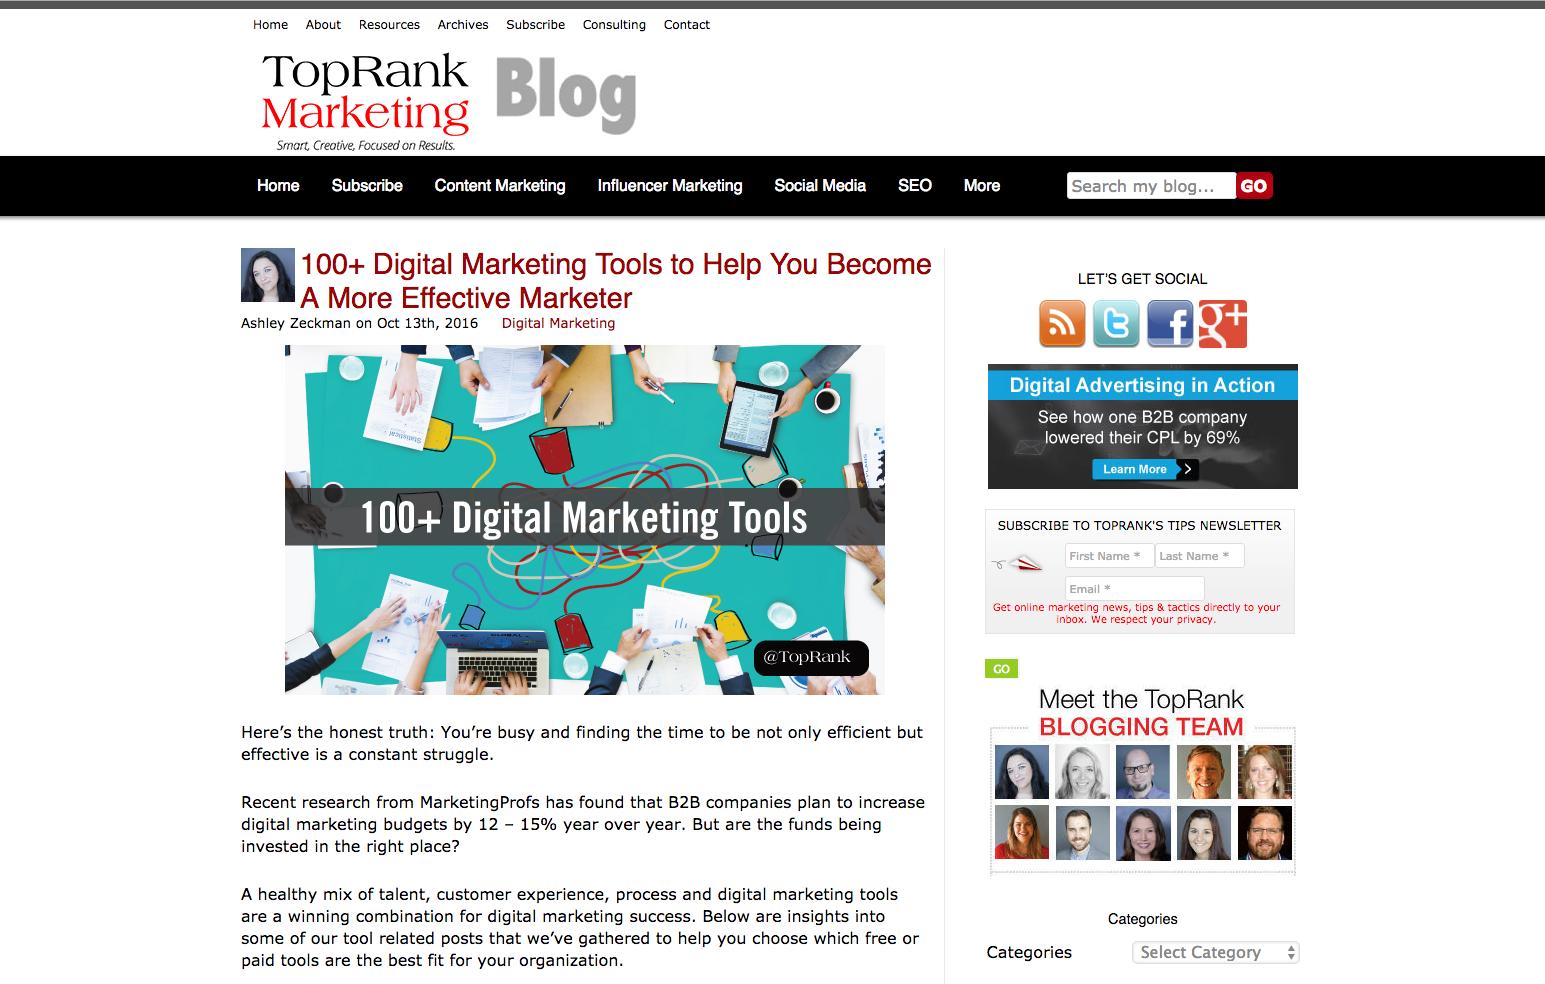 Top Rank Marketing Blog inbound marketing blogs